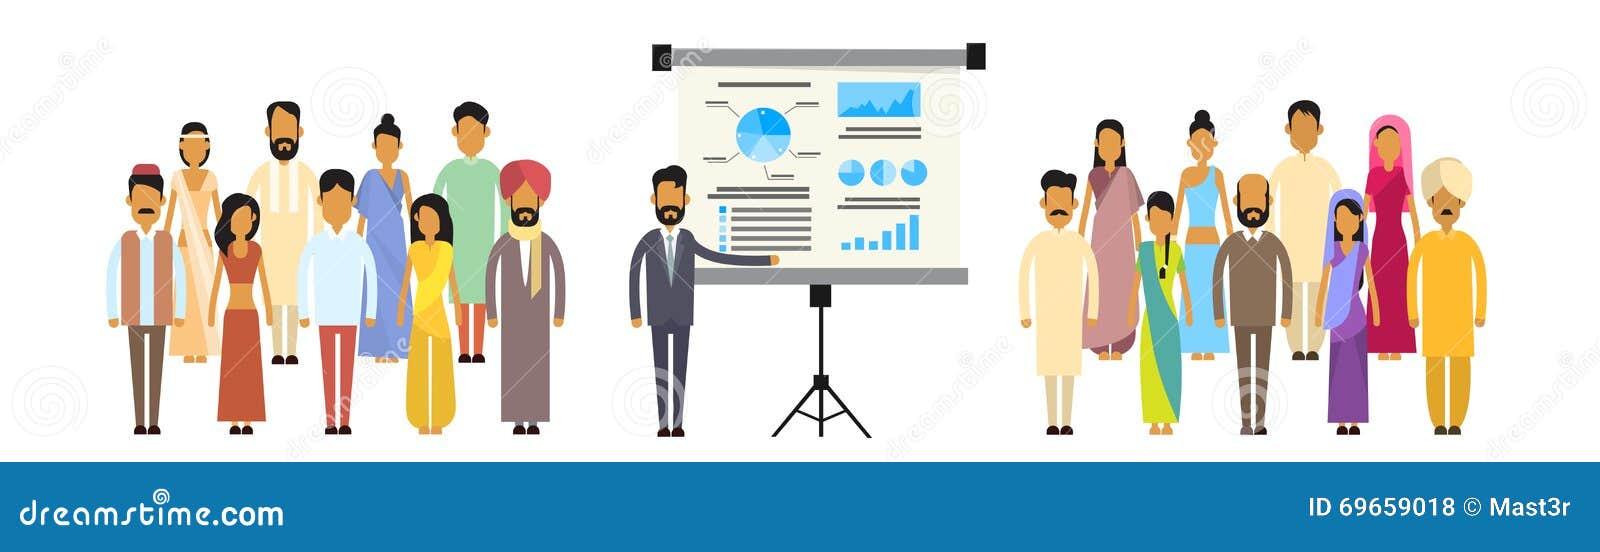 Indisk presentation Flip Chart Finance, Indien Businesspeople Team Training Conference Meeting för grupp för affärsfolk